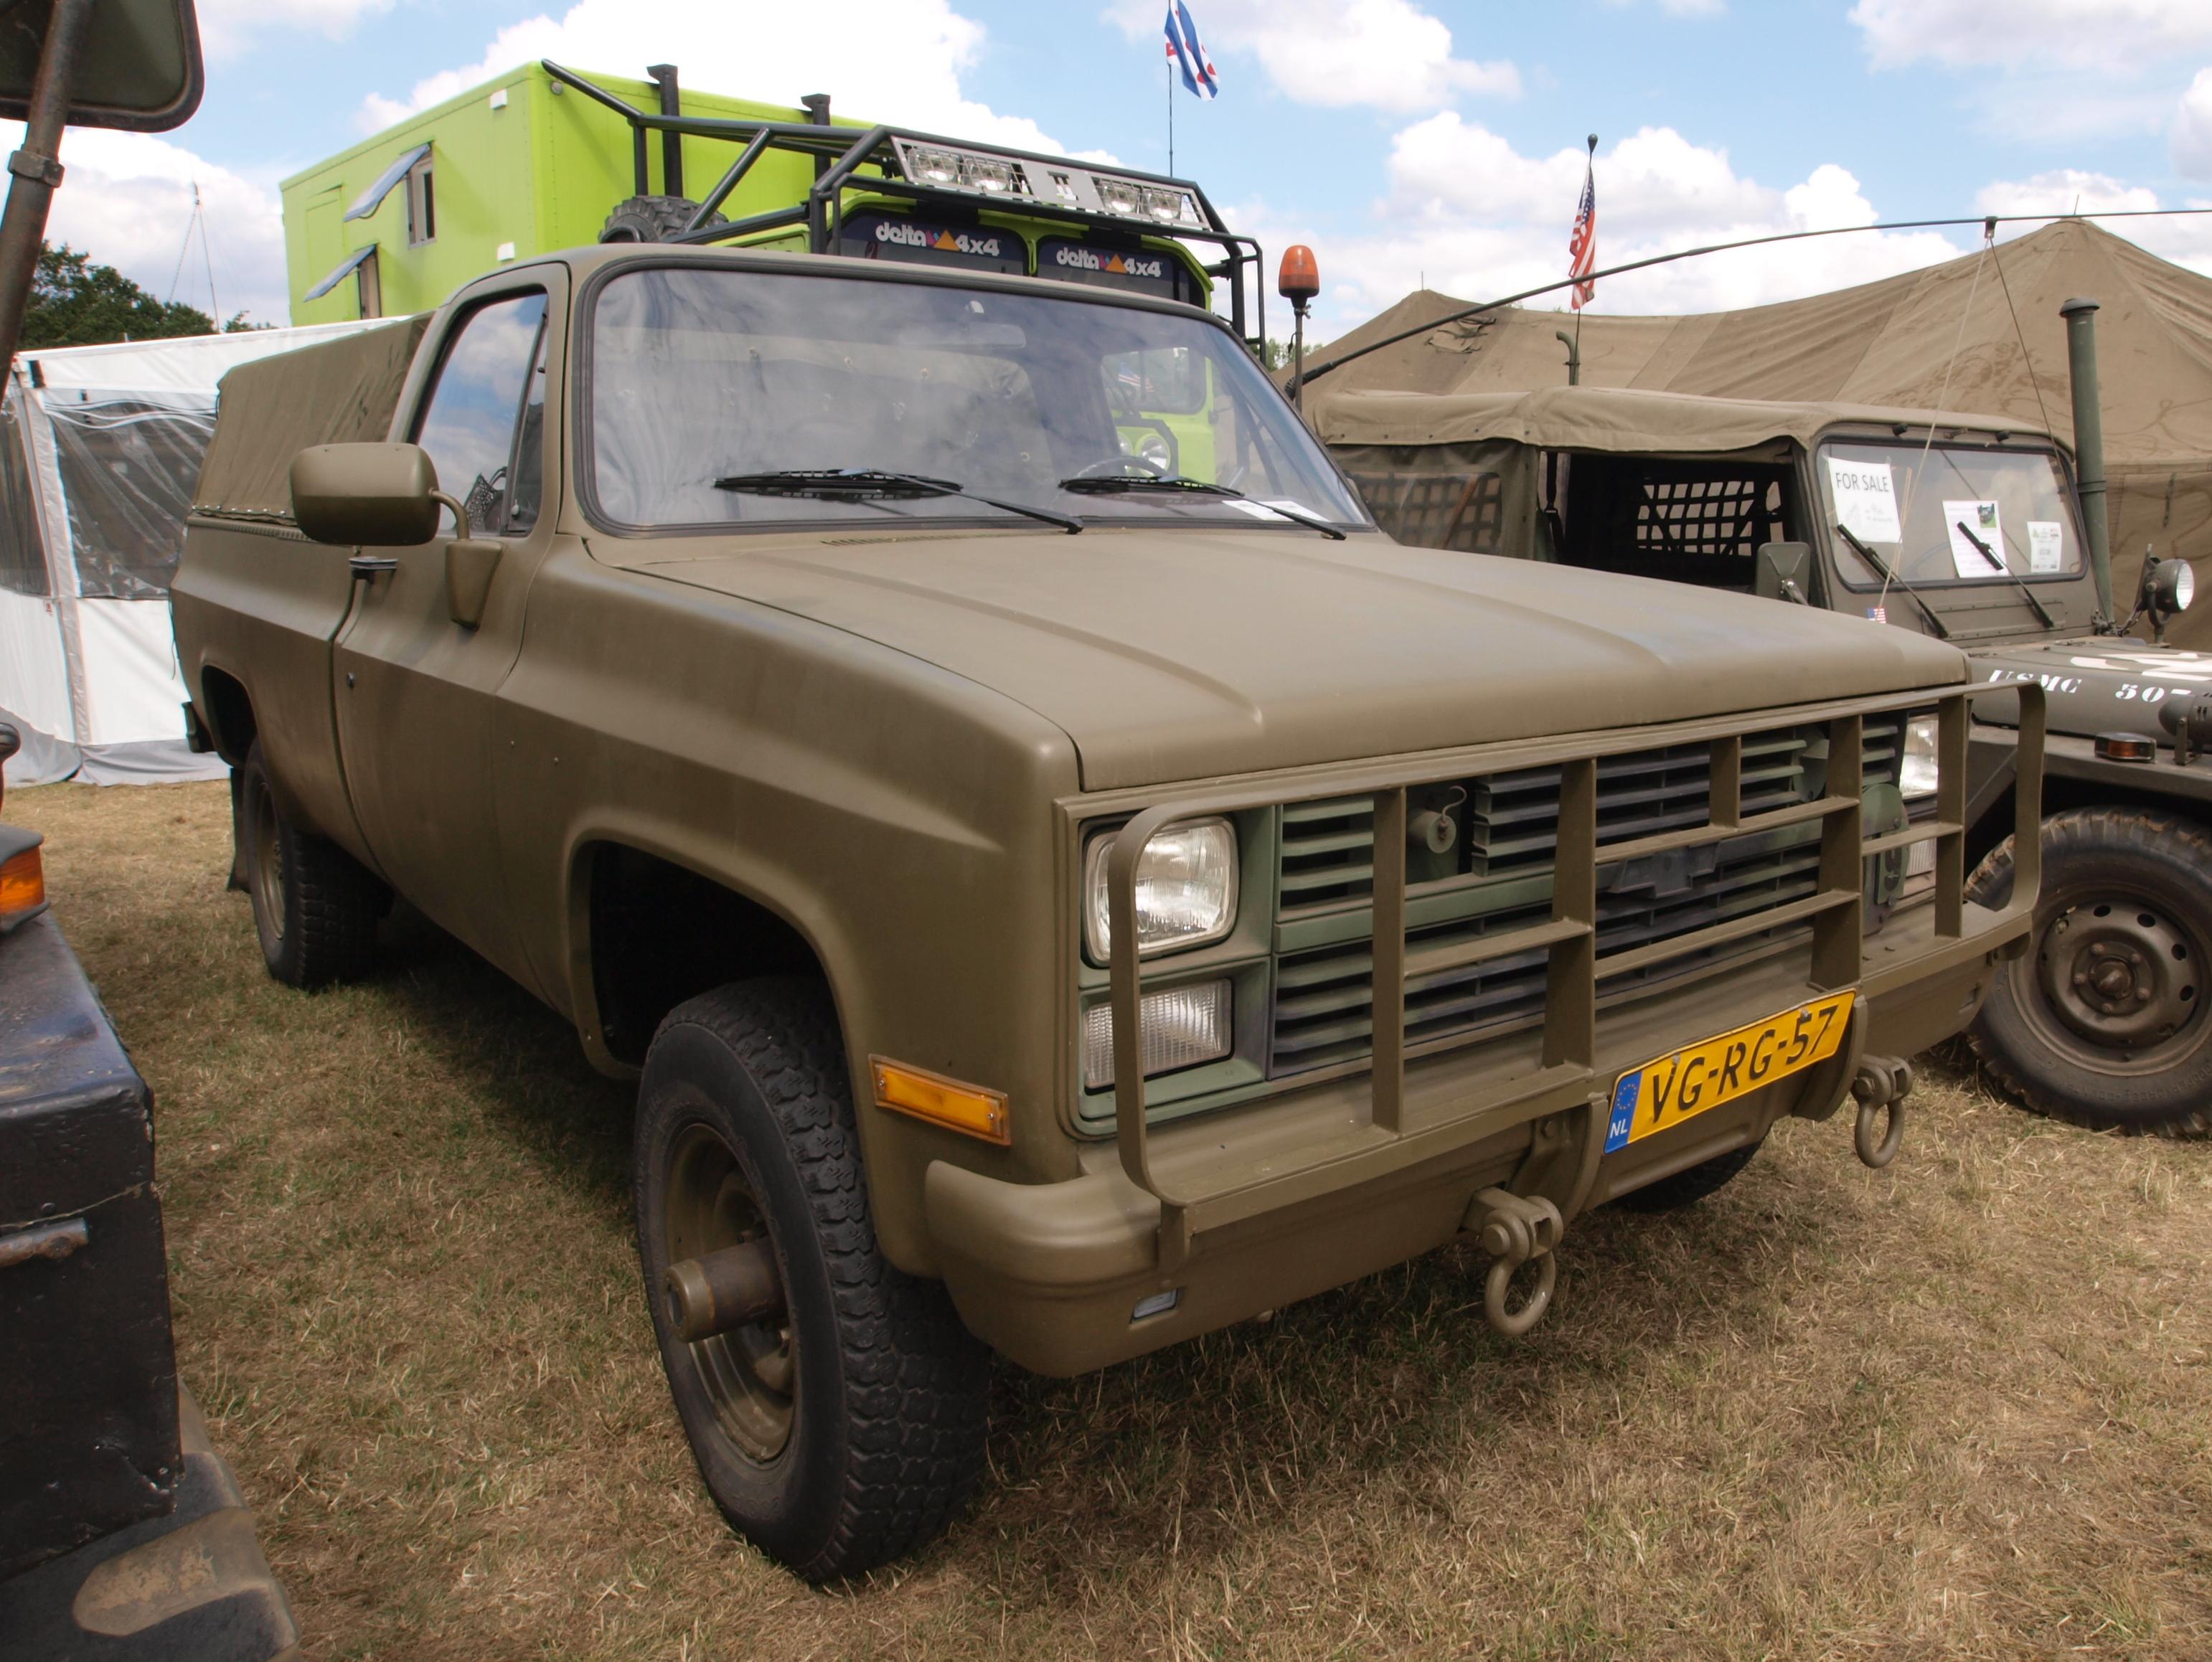 file chevrolet k30 pick up 1985 owned by piet kelders jpg